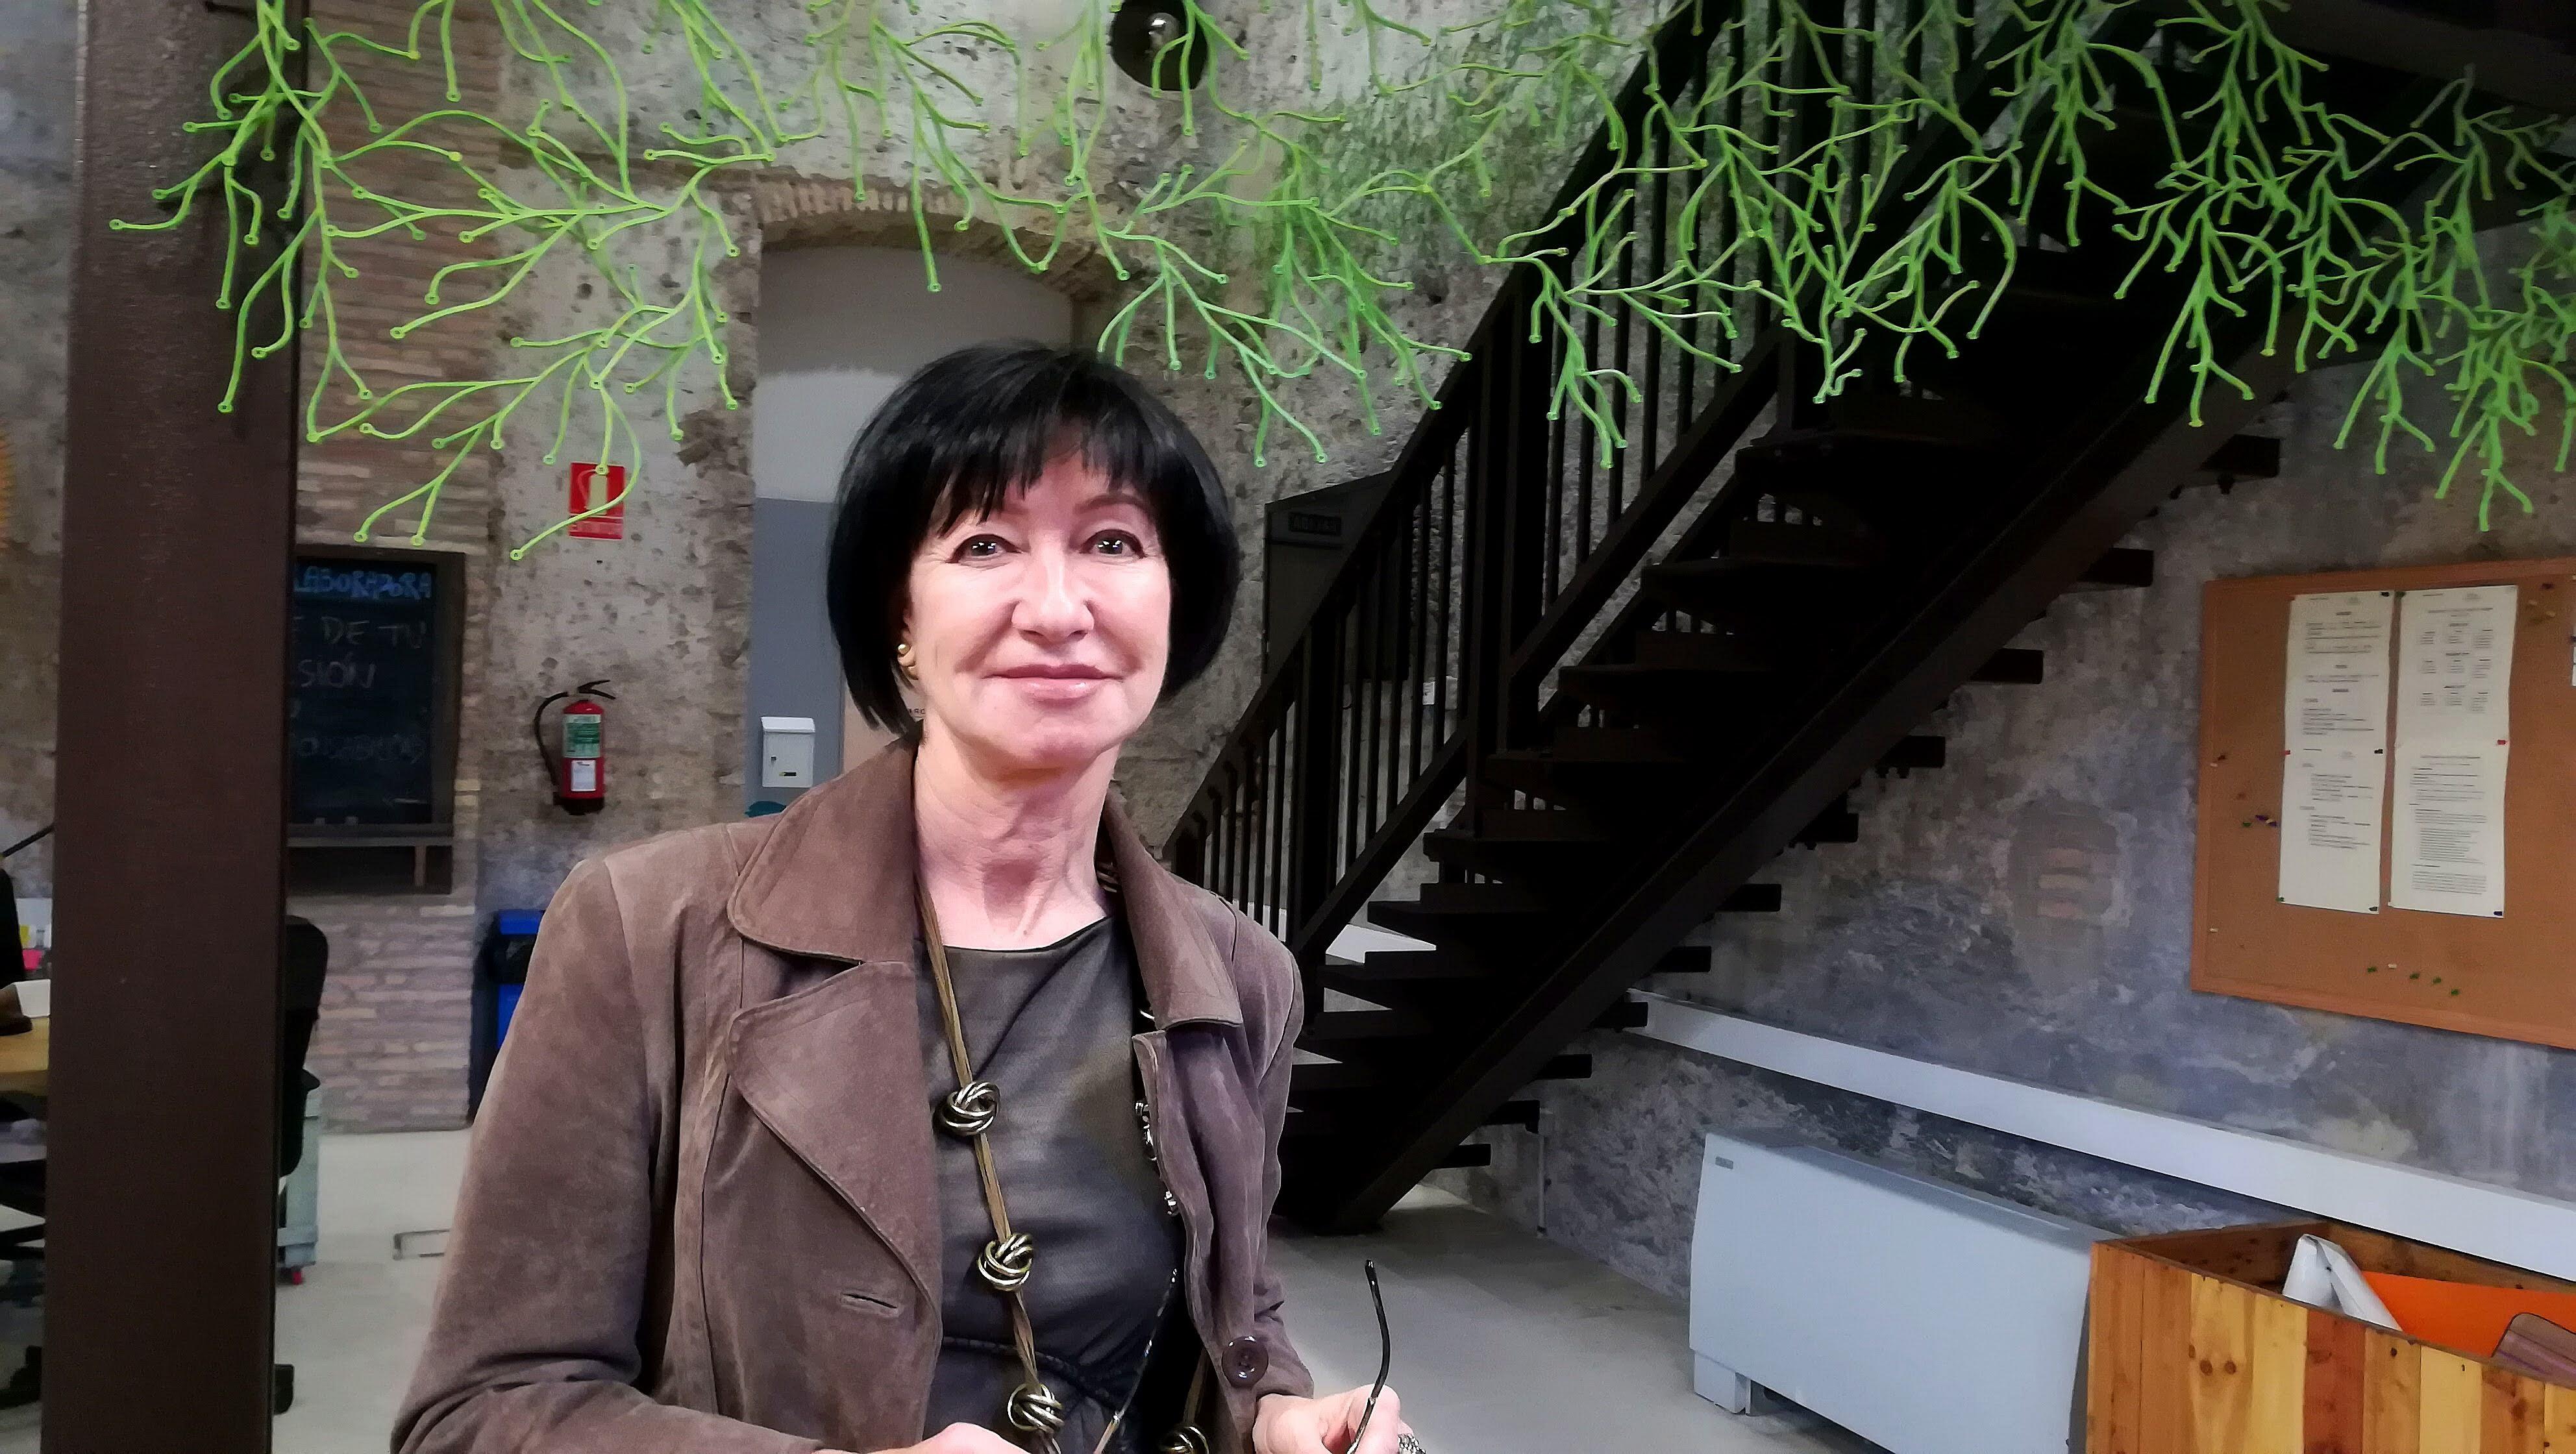 Rosa Esteban, inspirando sueños desde los colegios con el Programa Soy Futuro